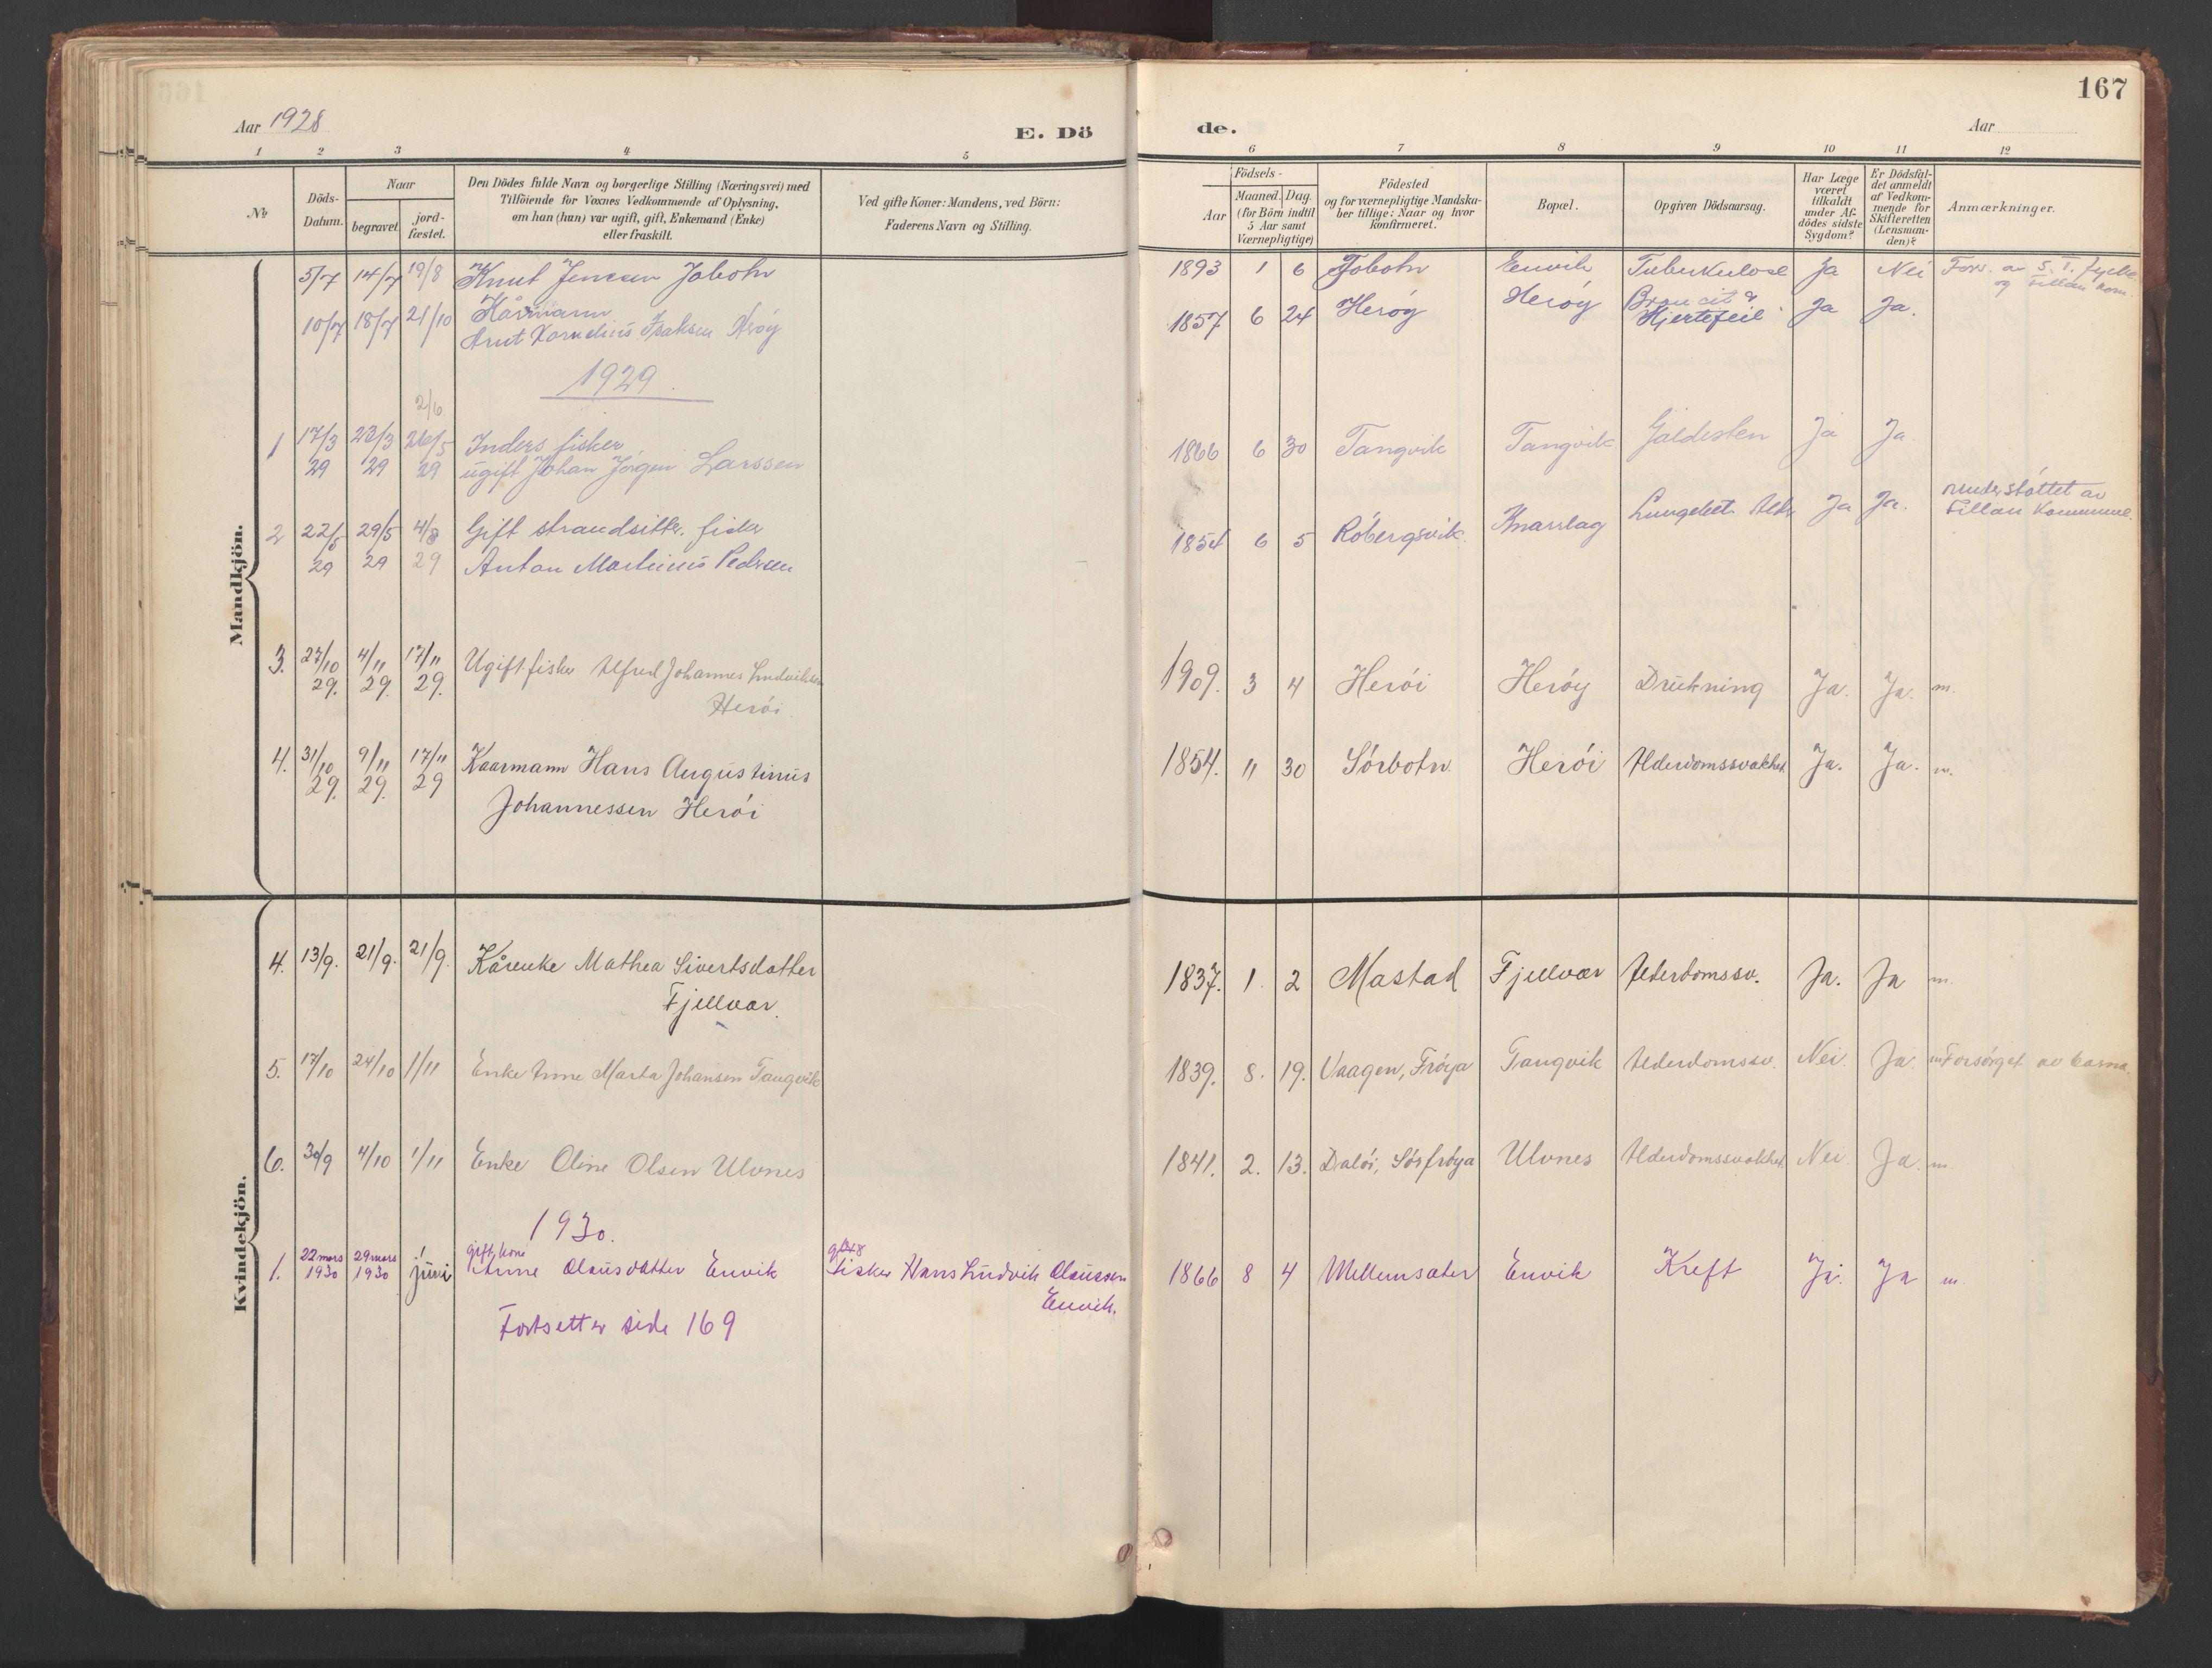 SAT, Ministerialprotokoller, klokkerbøker og fødselsregistre - Sør-Trøndelag, 638/L0571: Klokkerbok nr. 638C03, 1901-1930, s. 167